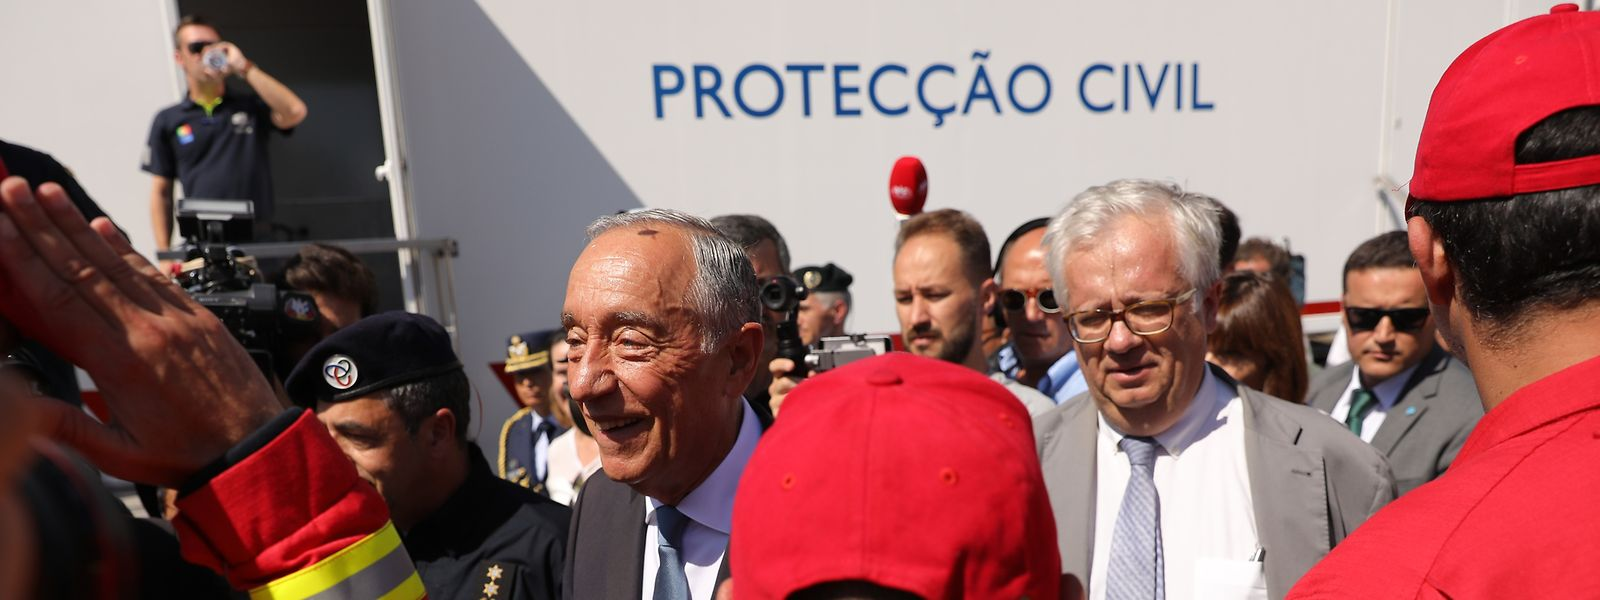 O Presidente da República, Marcelo Rebelo de Sousa, acompanhado pelo ministro da Administração Interna, Eduardo Cabrita, durante a visita esta manhã a Monchique